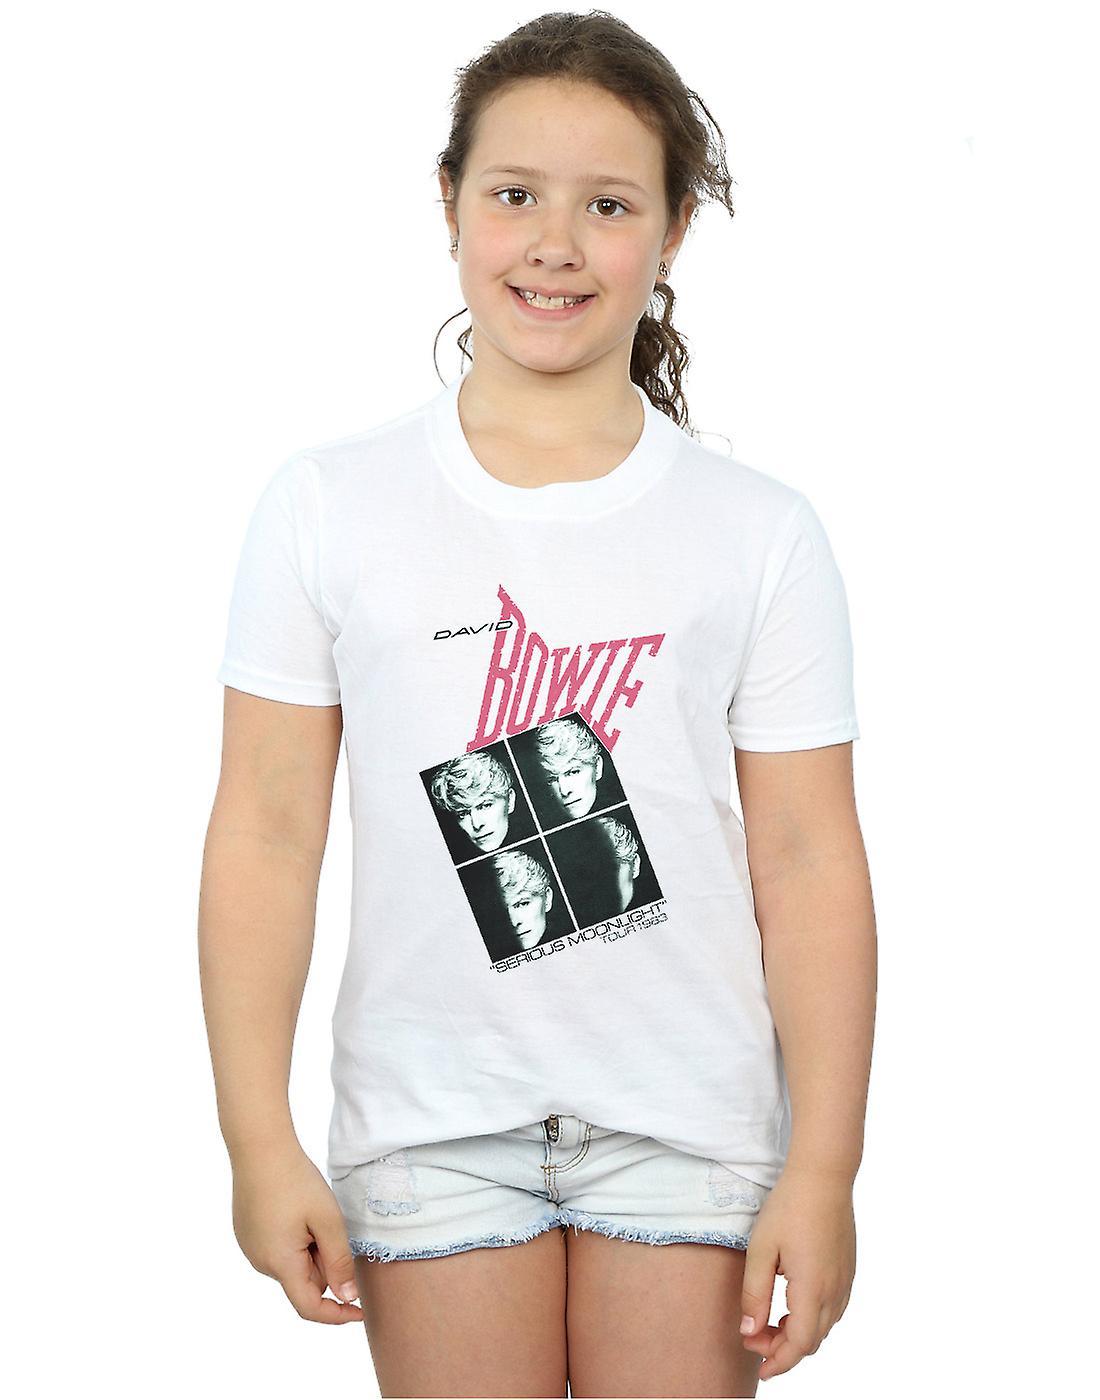 David Bowie Girls Serious Moonlight Tour 83 T-Shirt